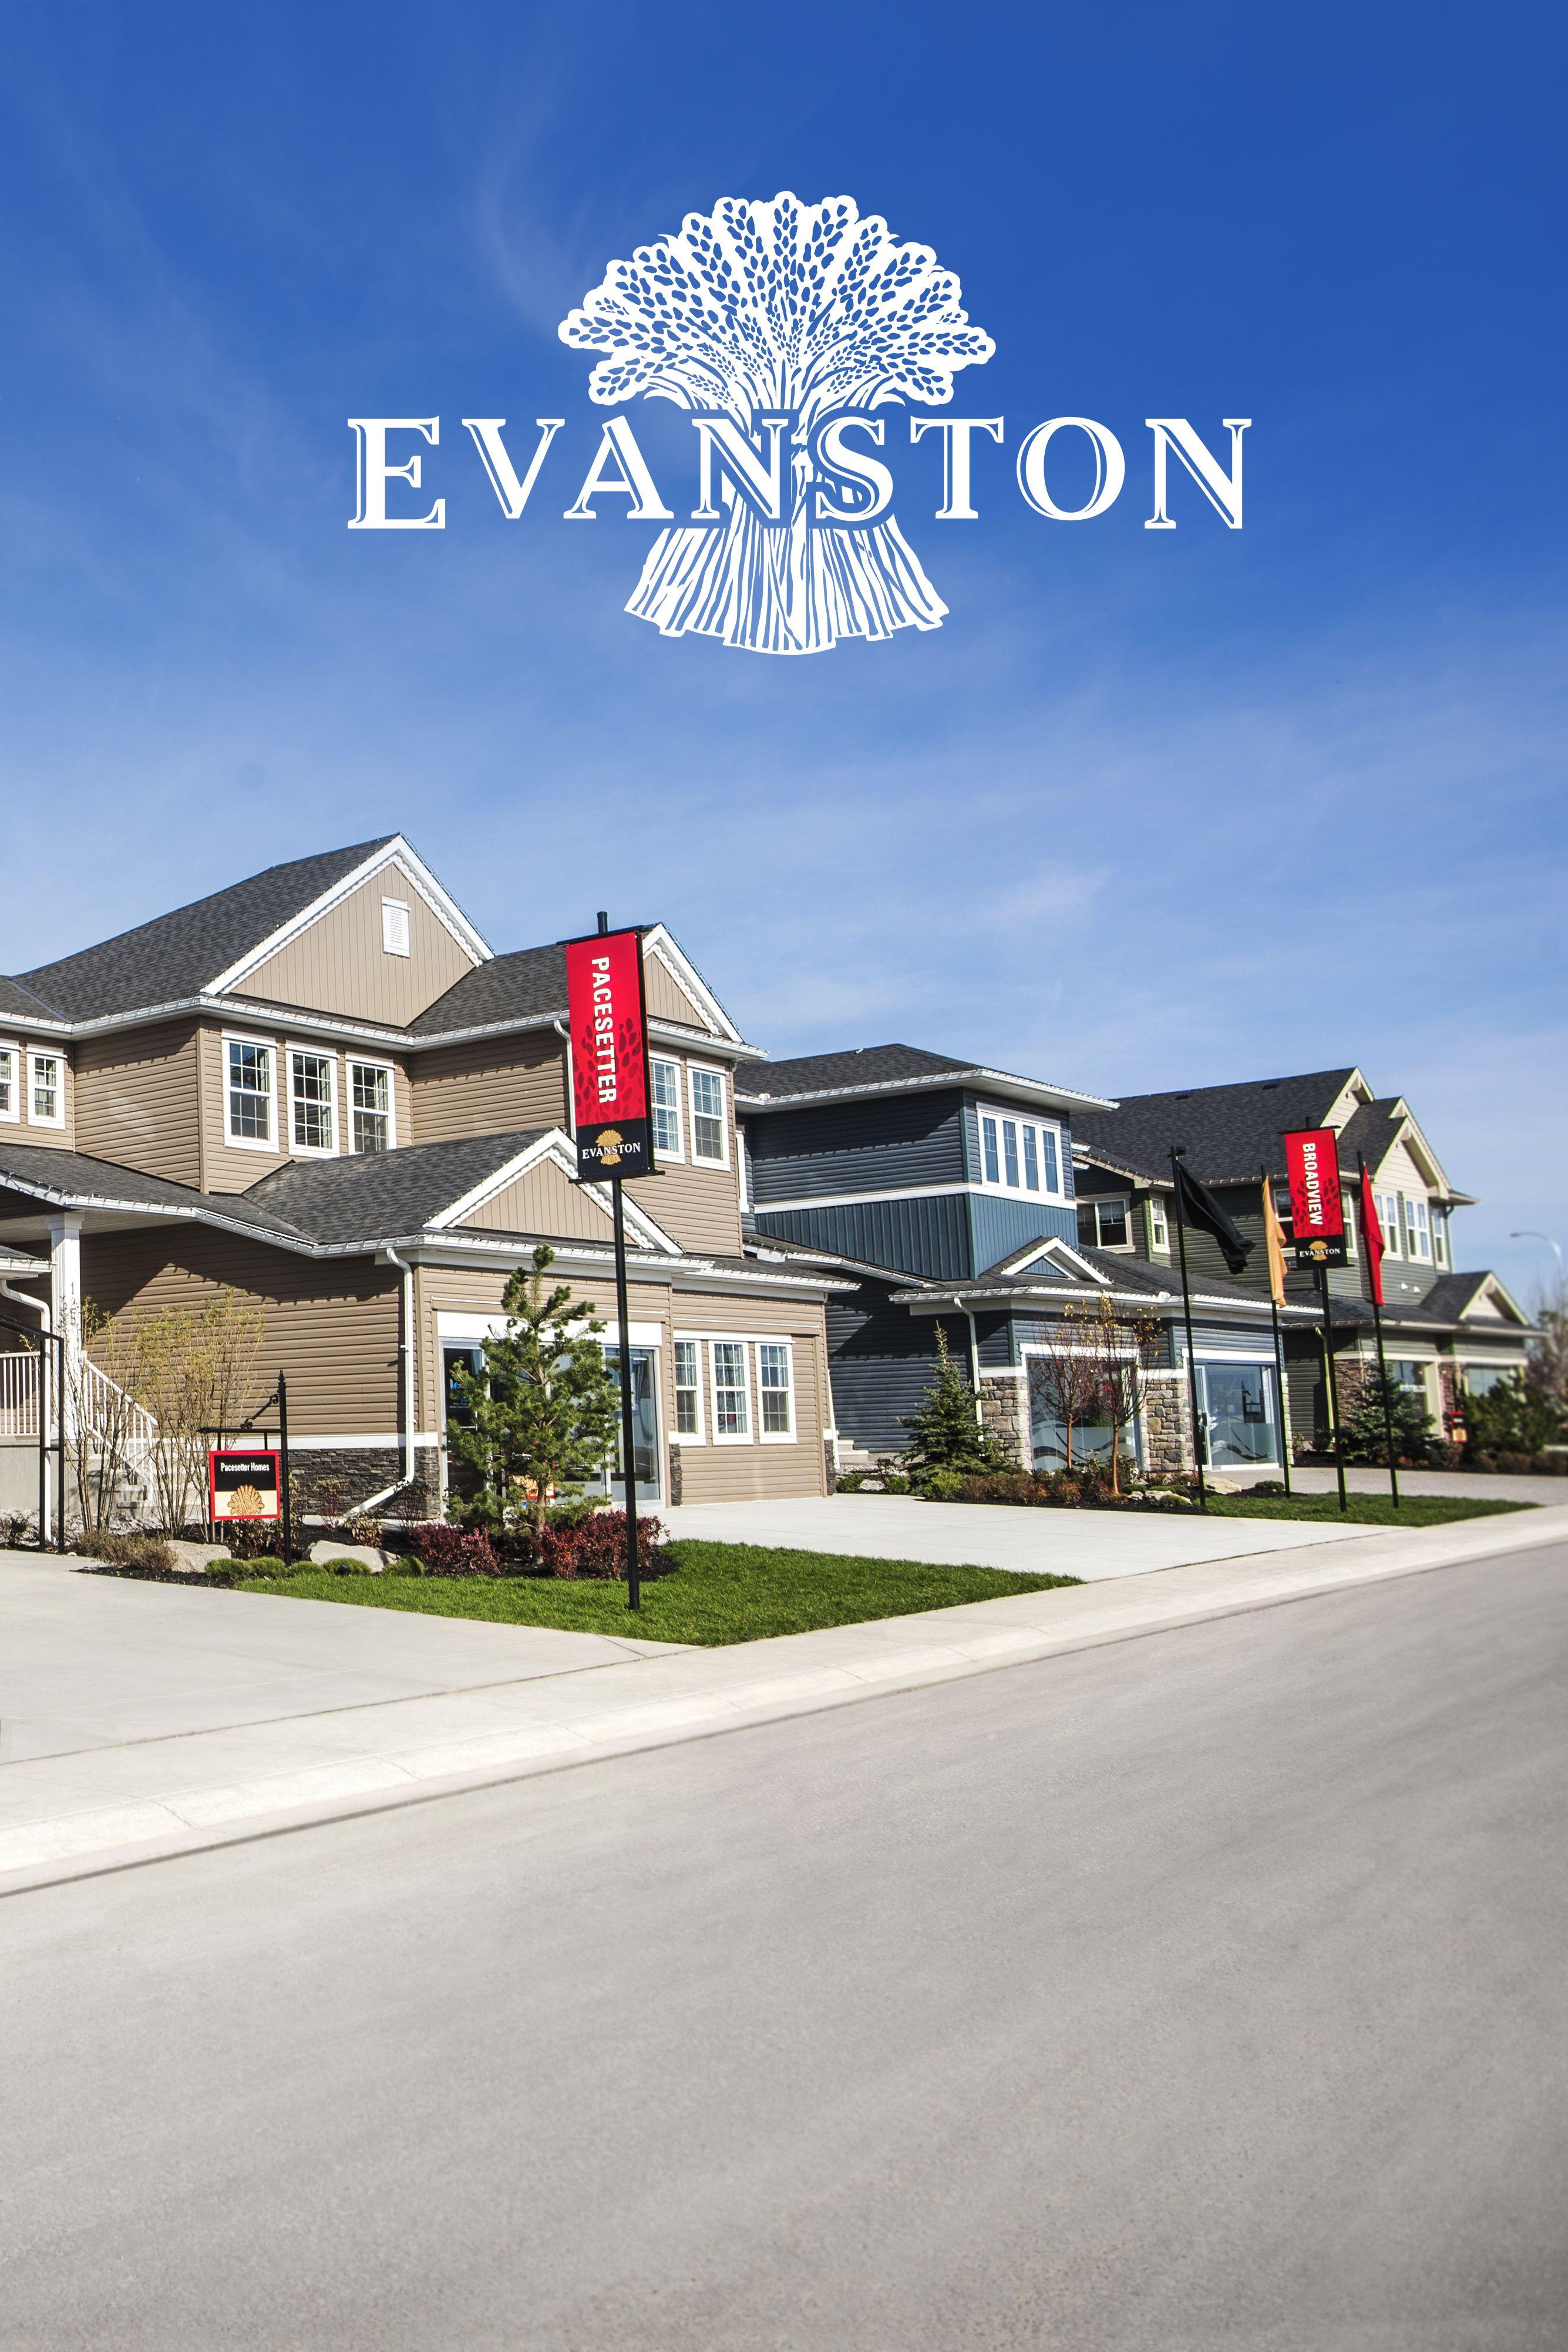 Evanston Showhomes Calgary | Evanston, Calgary, New homes